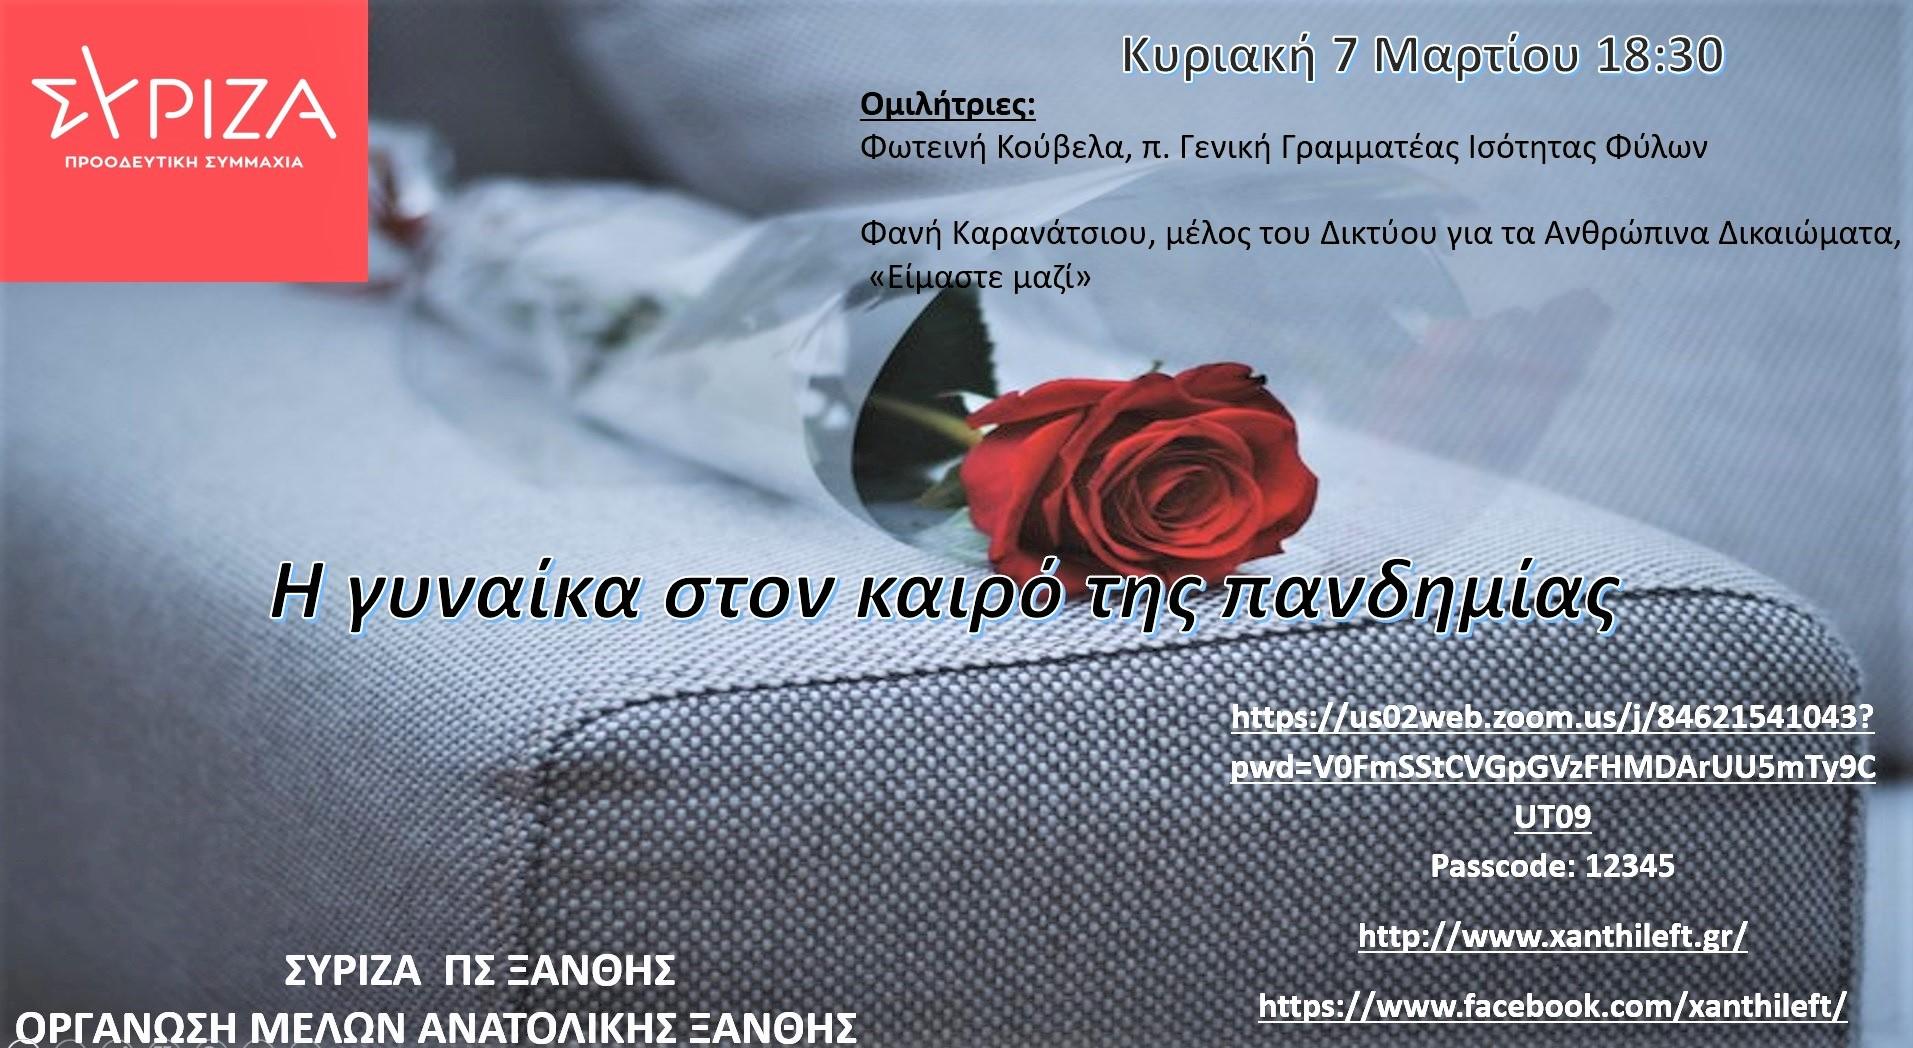 ΣΥΡΙΖΑ Ξάνθης: Διαδικτυακή εκδήλωση για την ημέρα της γυναίκας